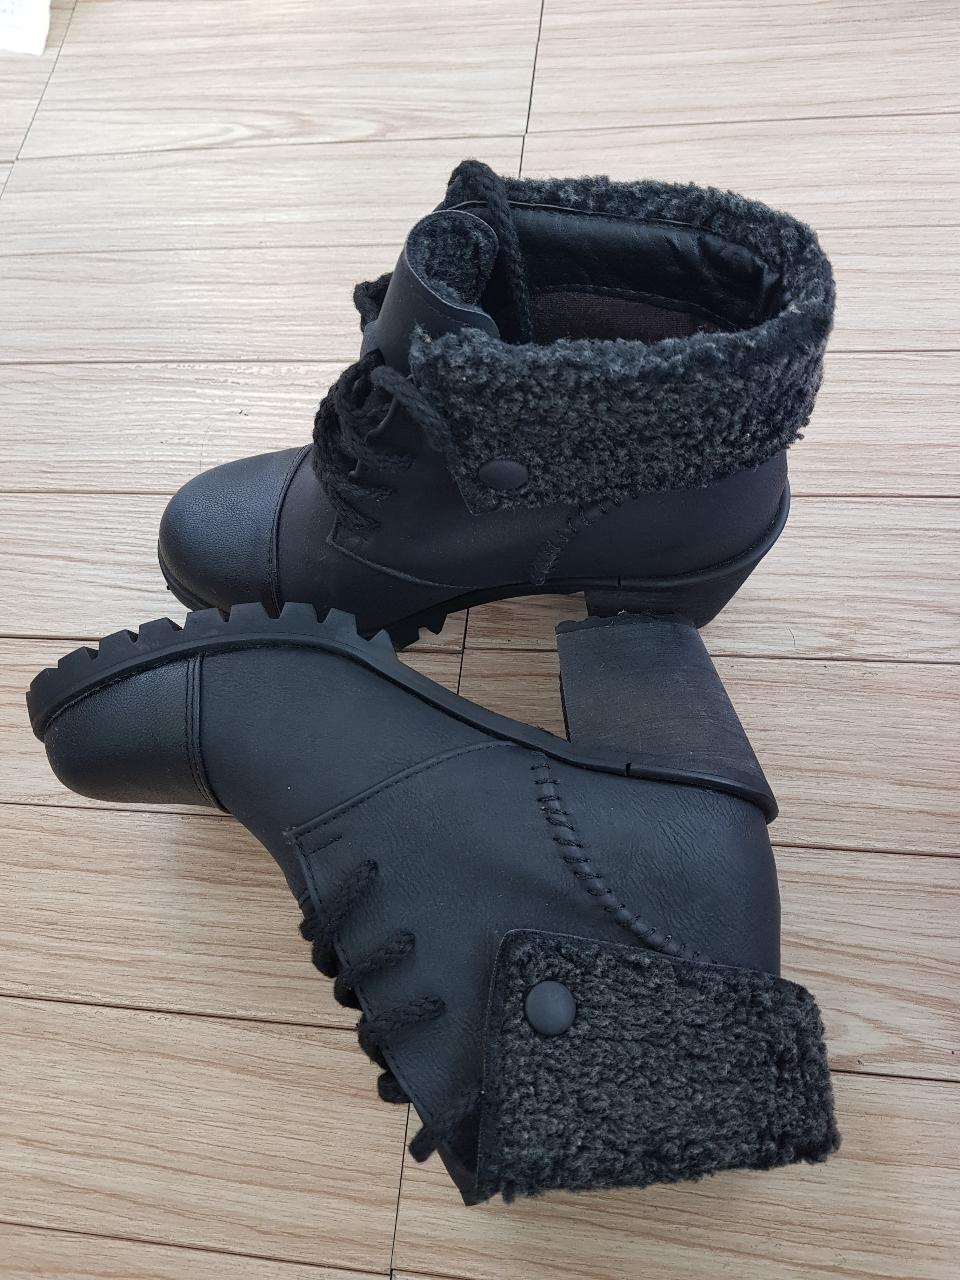 부츠 245mm  겨울용 6cm정도굽높이 사용감없는 새신발